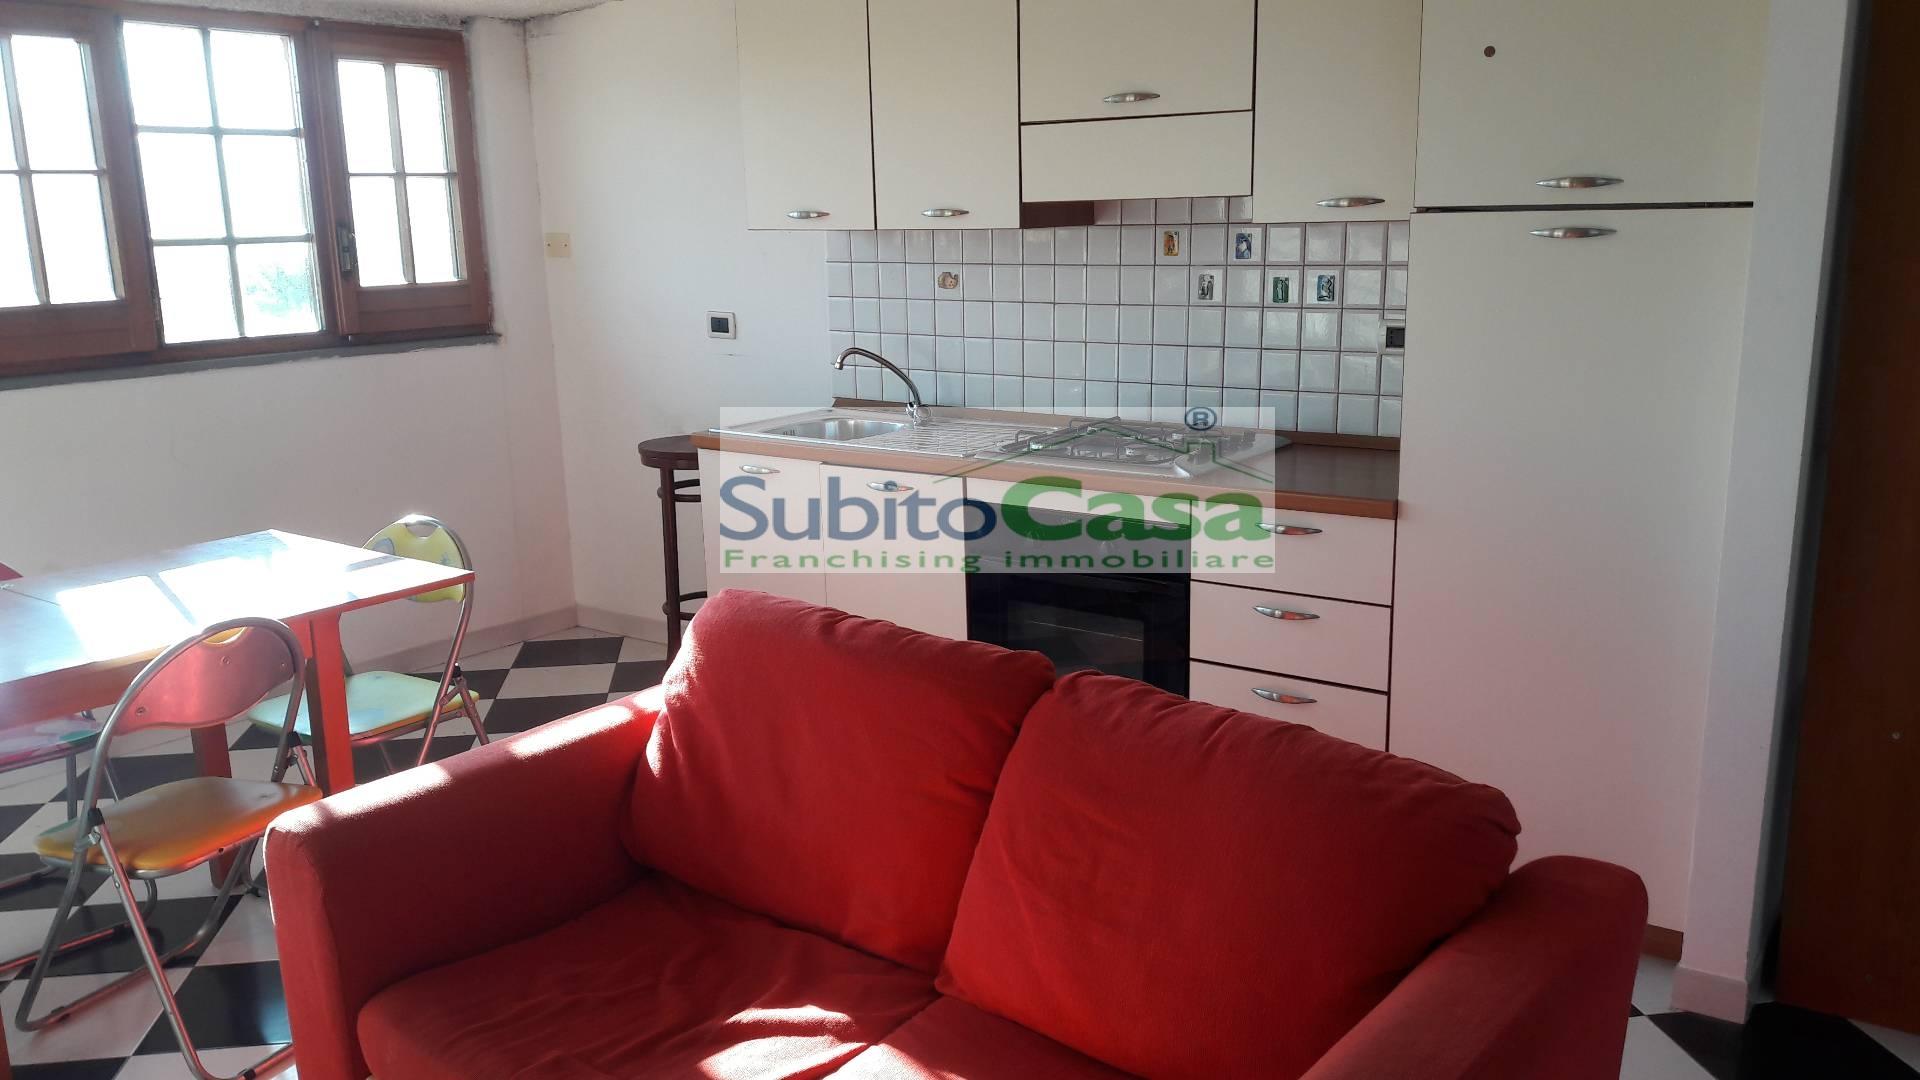 Appartamento in affitto a Cepagatti, 3 locali, zona Località: VillanovadiCepagatti, prezzo € 380 | CambioCasa.it